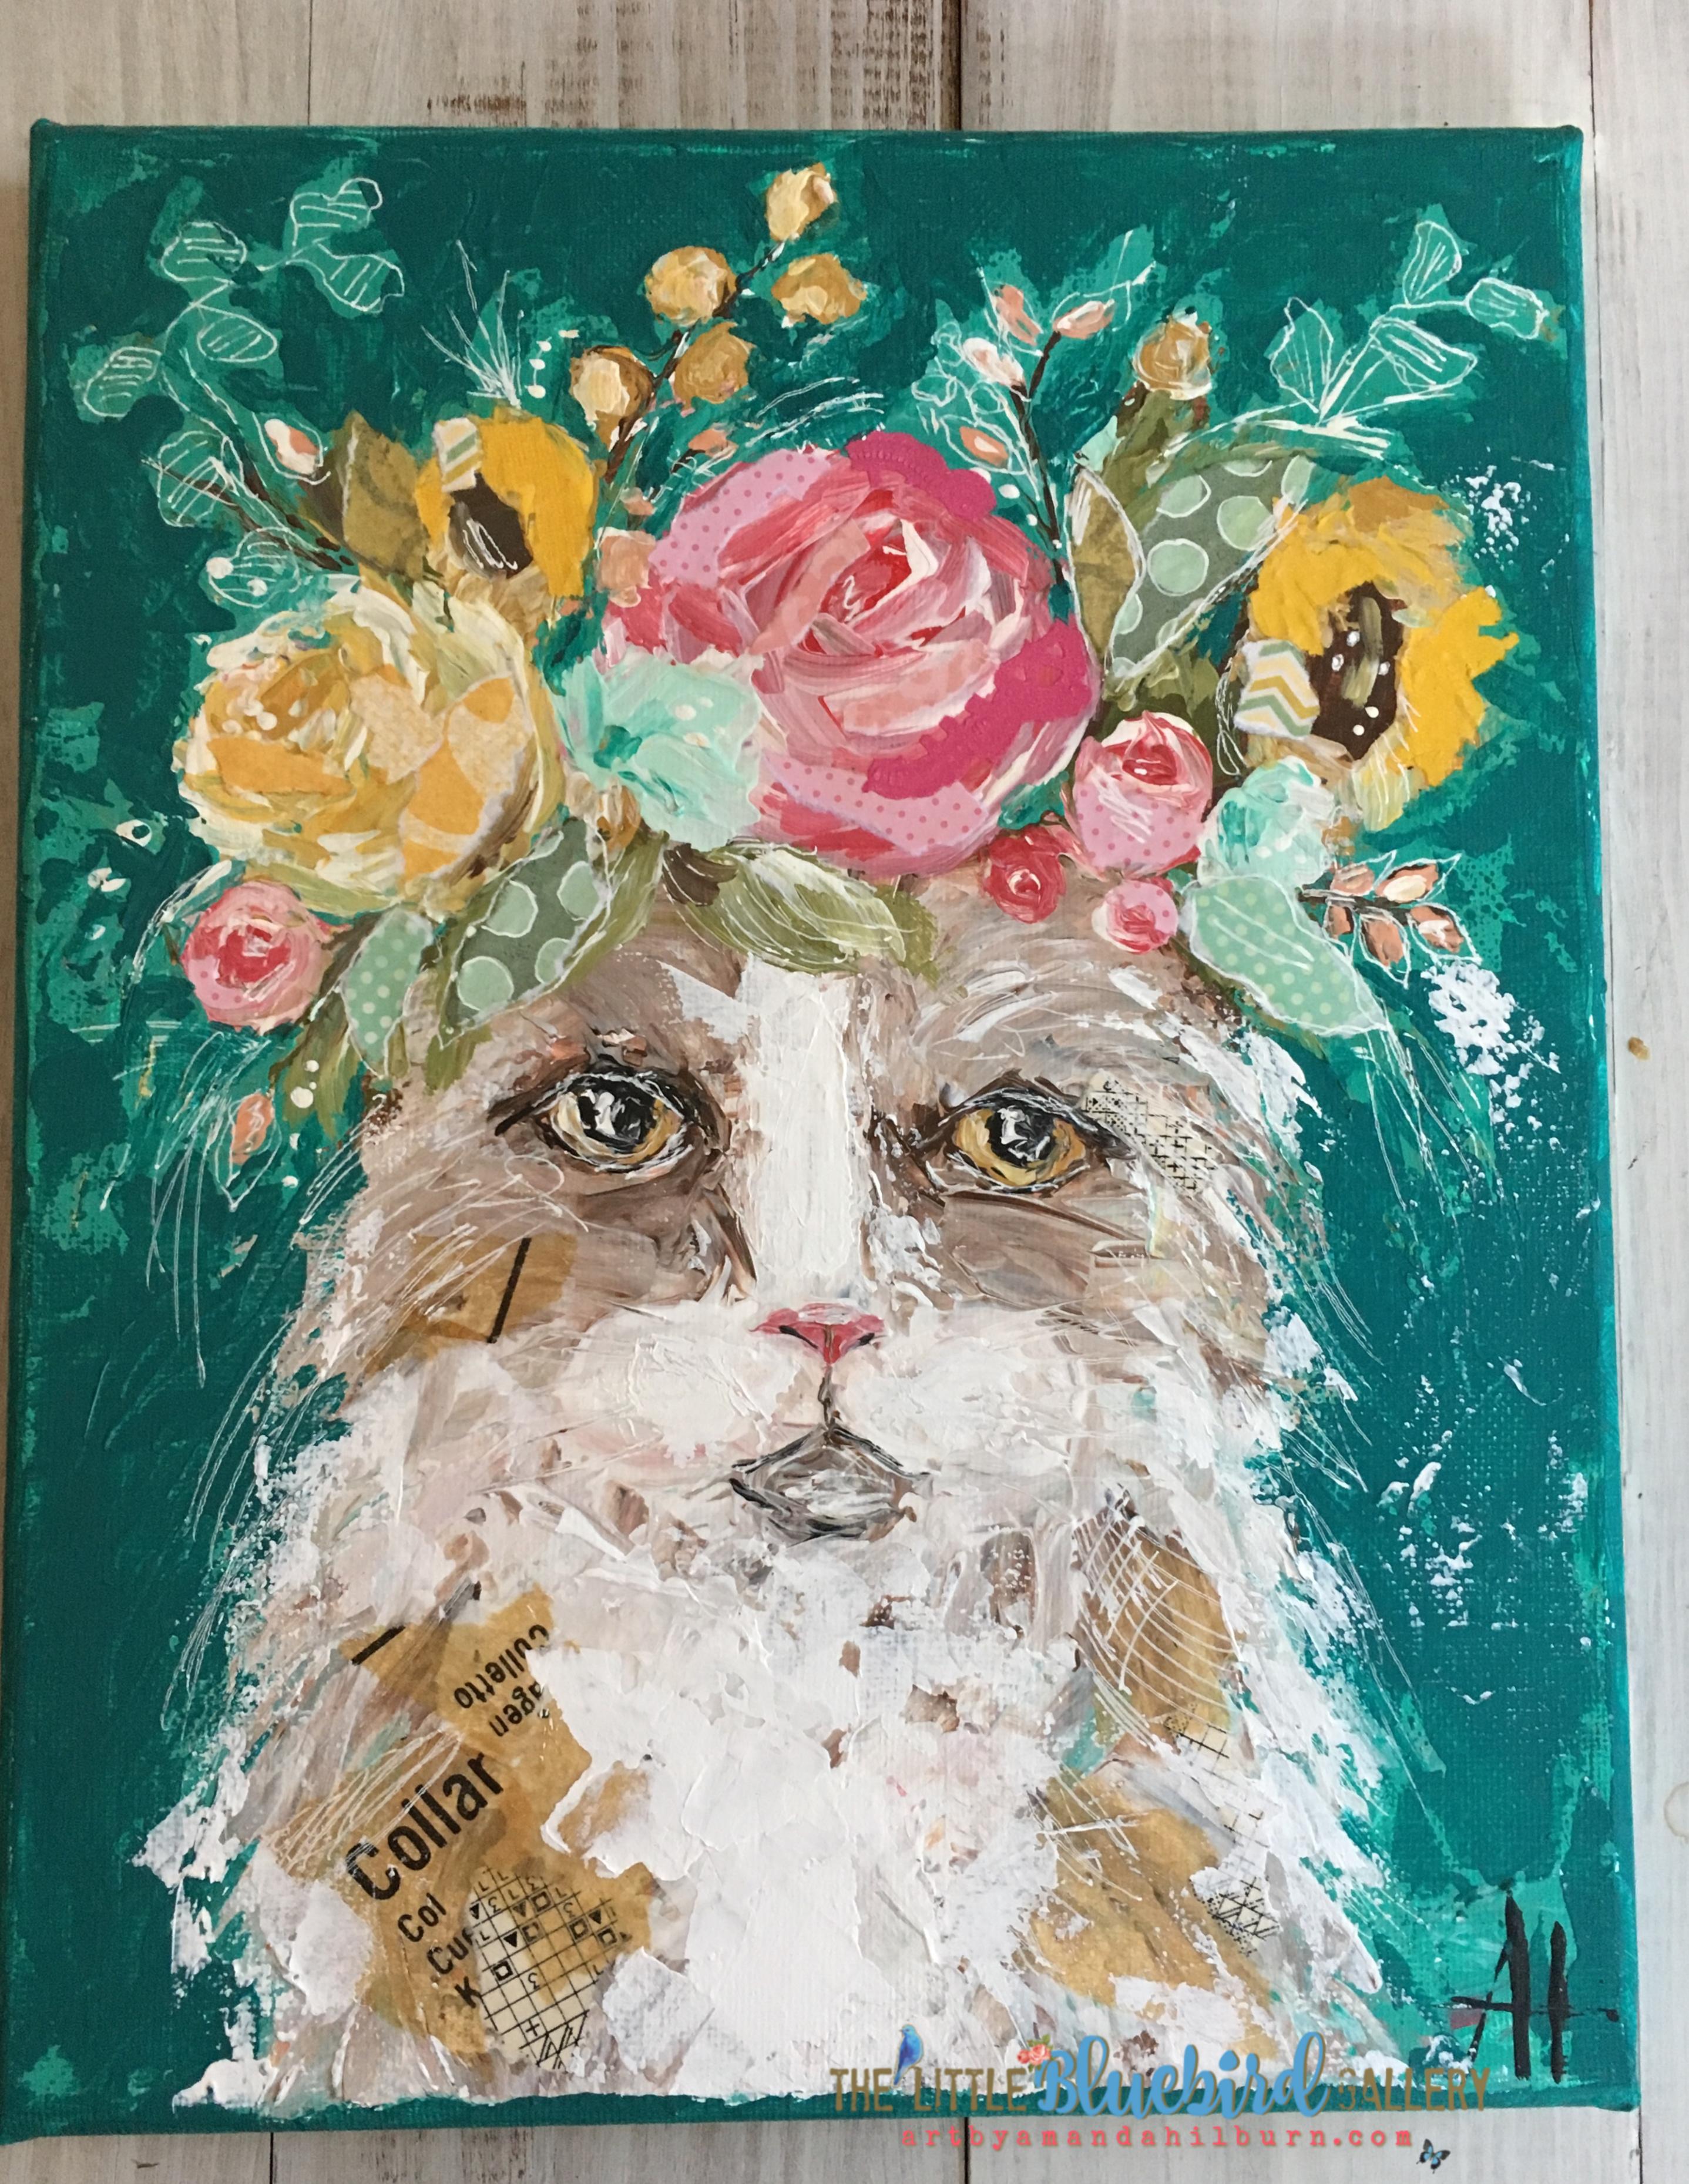 Flora the Cat